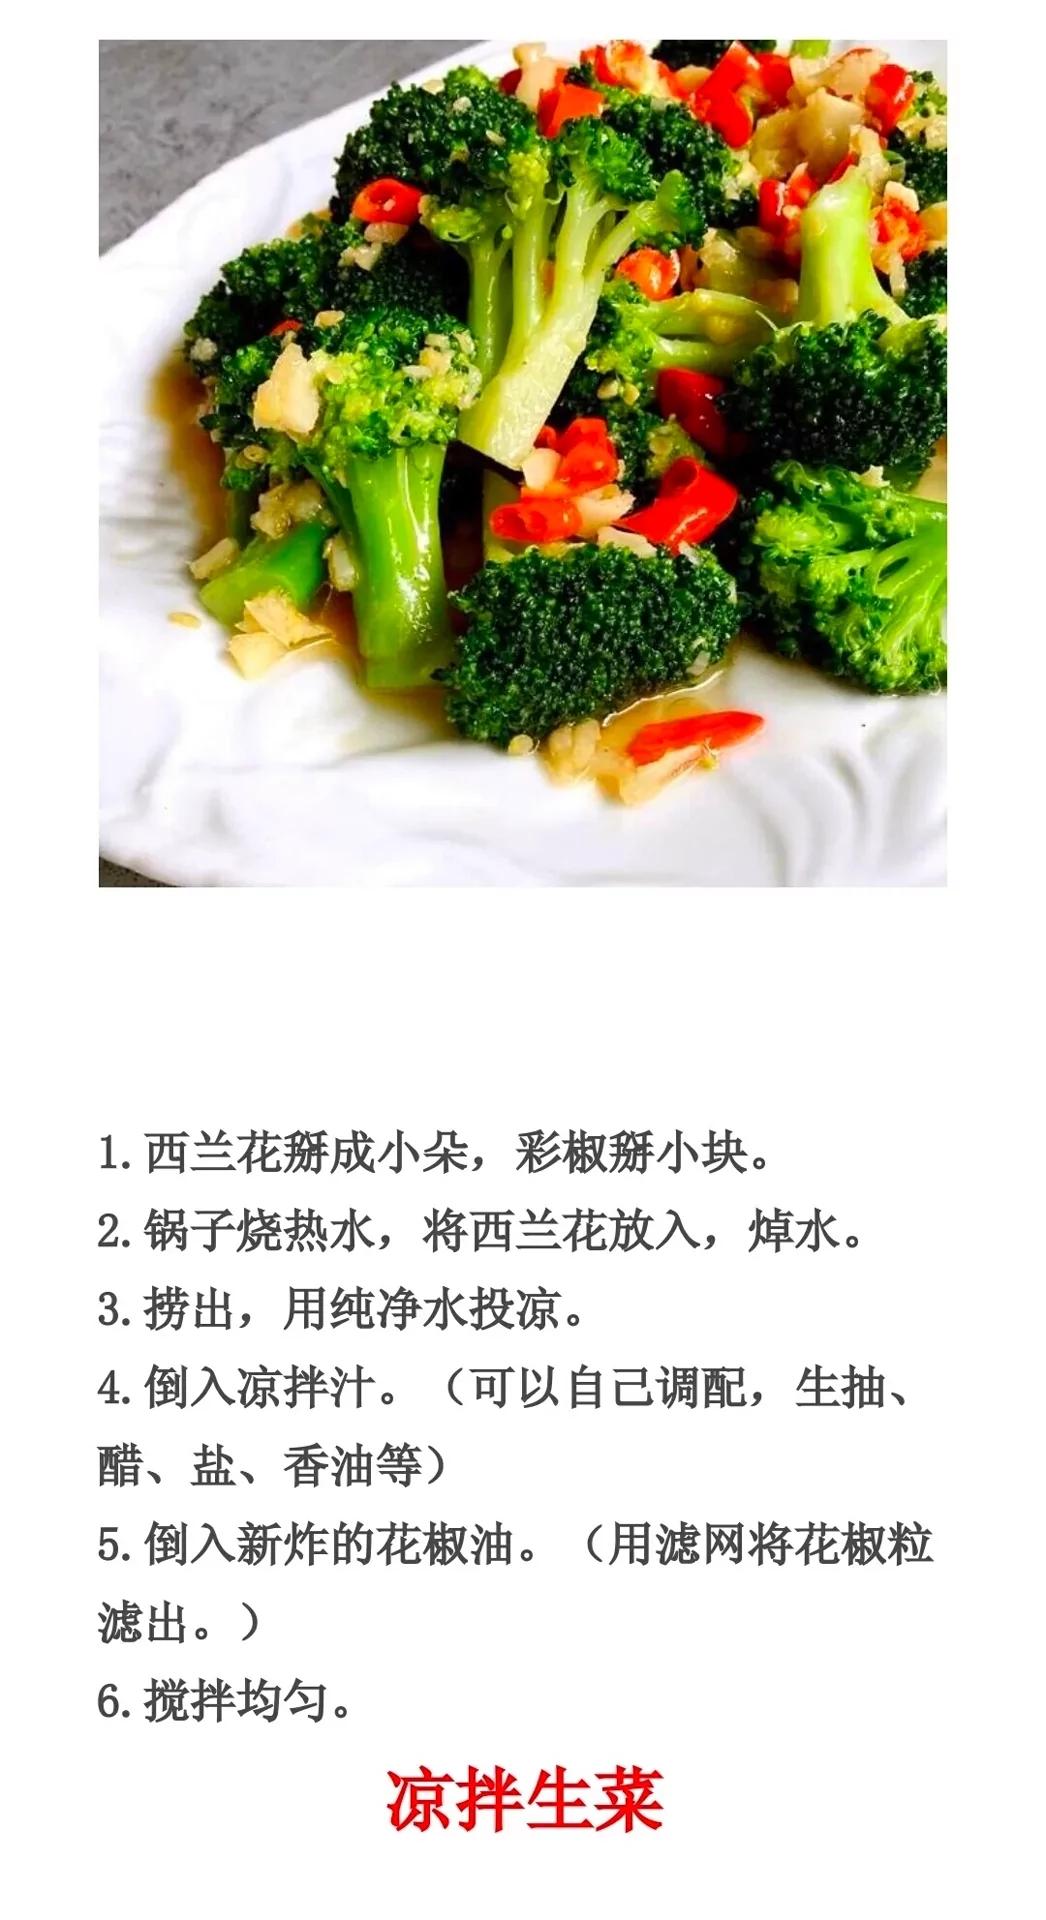 凉菜菜谱家常做法 美食做法 第8张